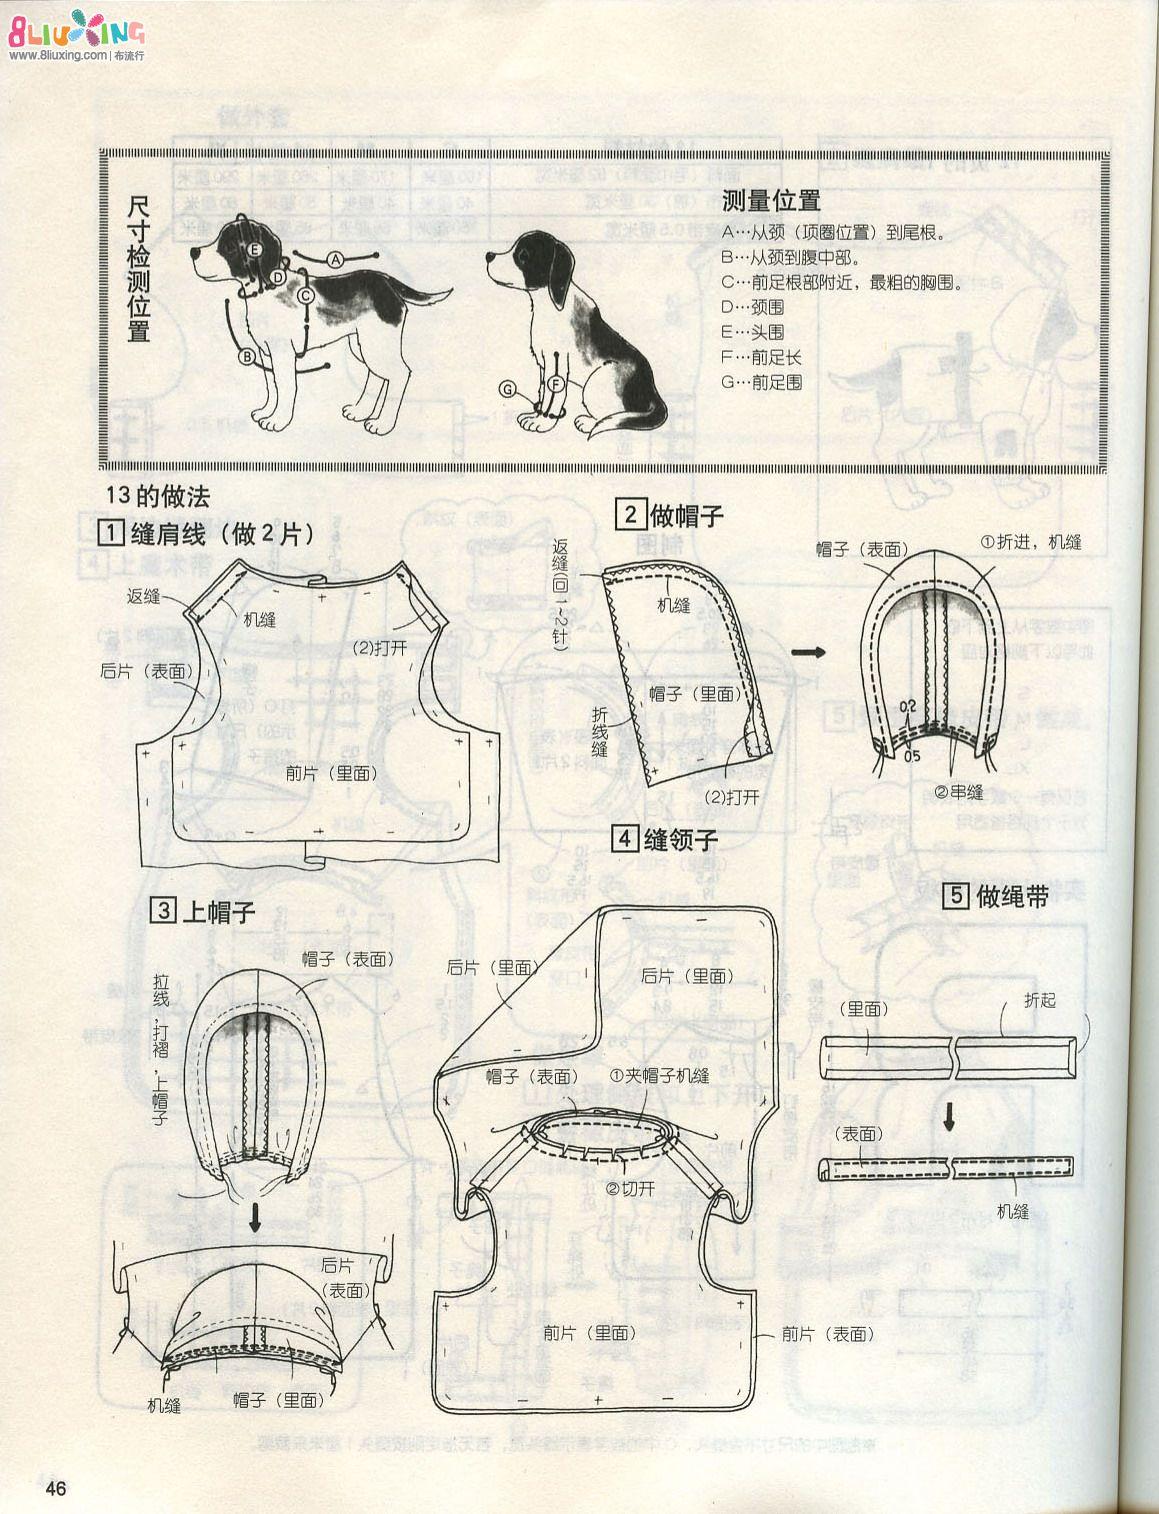 寵物服裝設計圖紙【相關詞_ 寵物服裝設計圖】